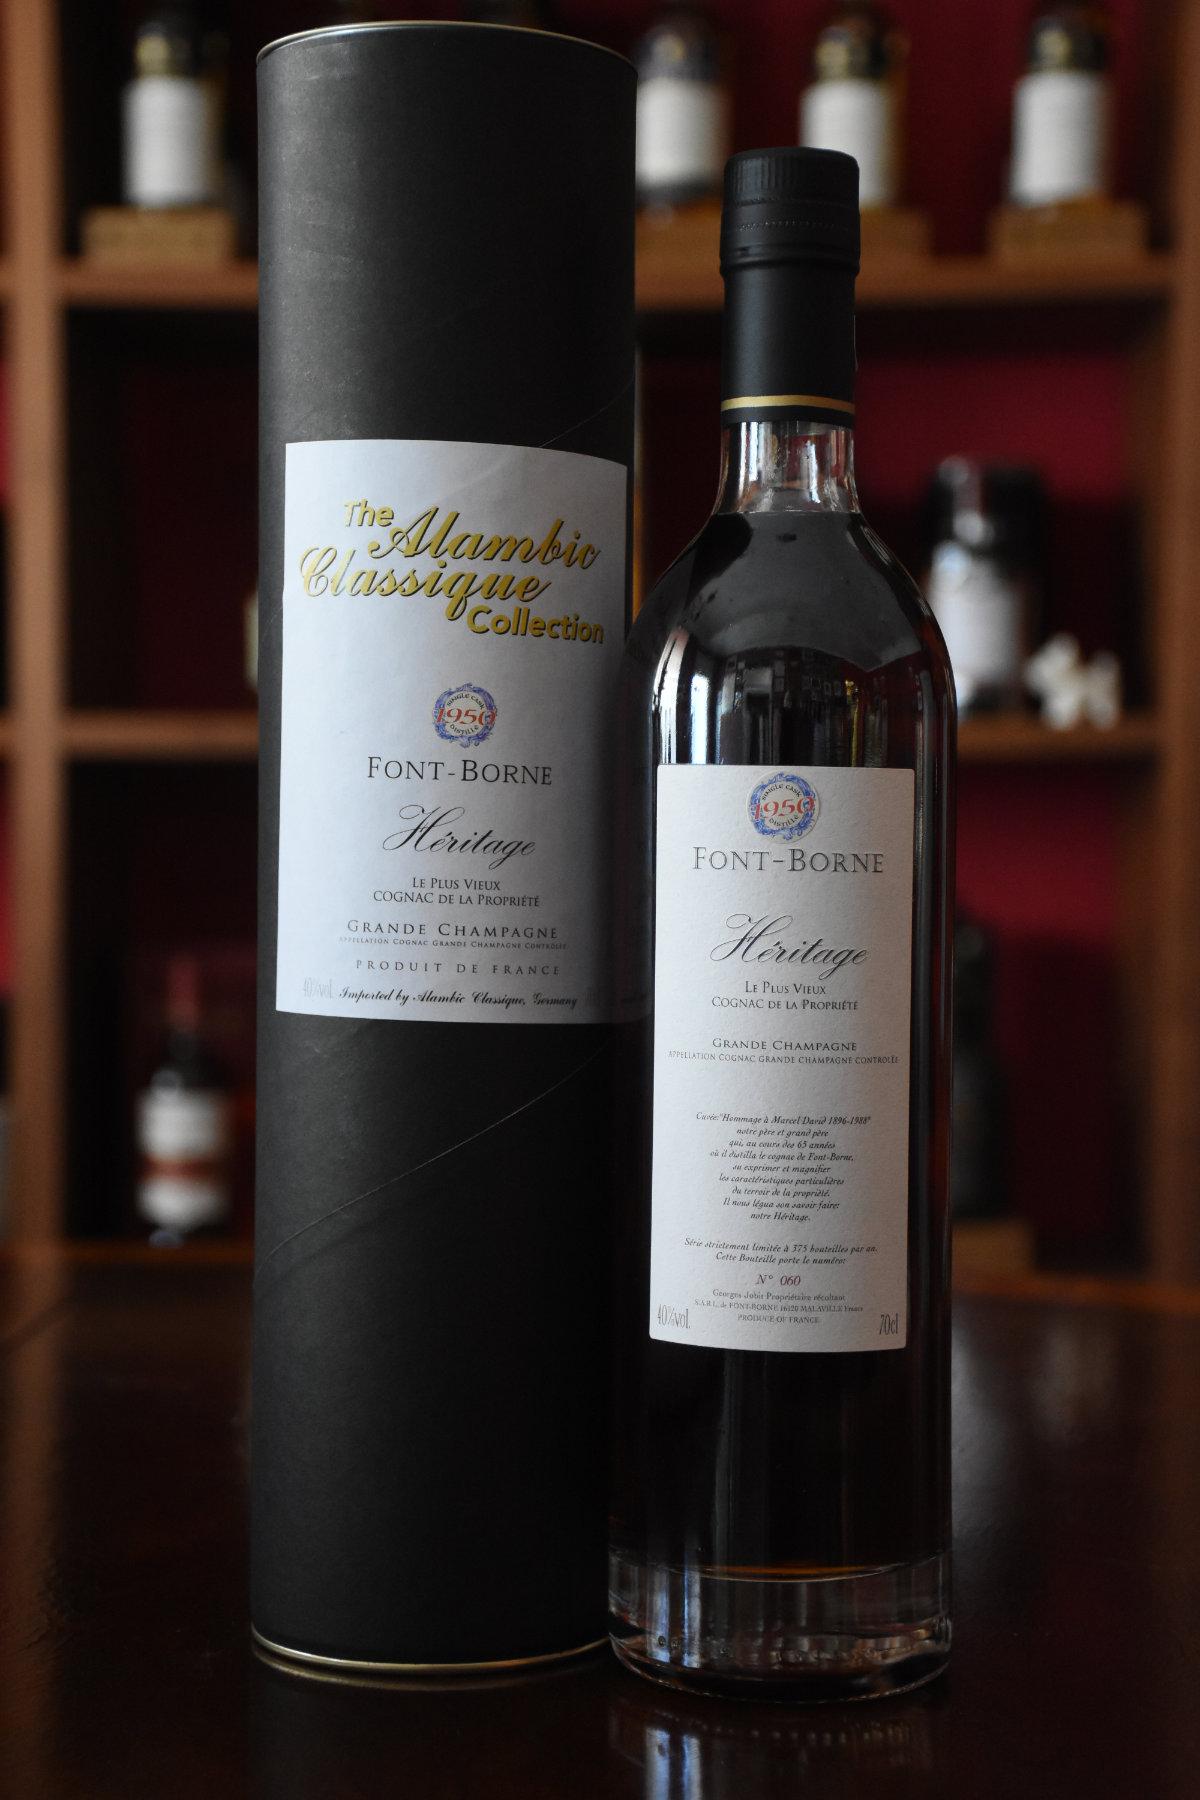 Font-Borne - Cognac, Font Borne Heritage 1950 Cognac Grande Champagne, Dest. 1950/Abgef. 2016, 65 Jahre im Fass gereift, 40% Alc.Vol.,  Alambic